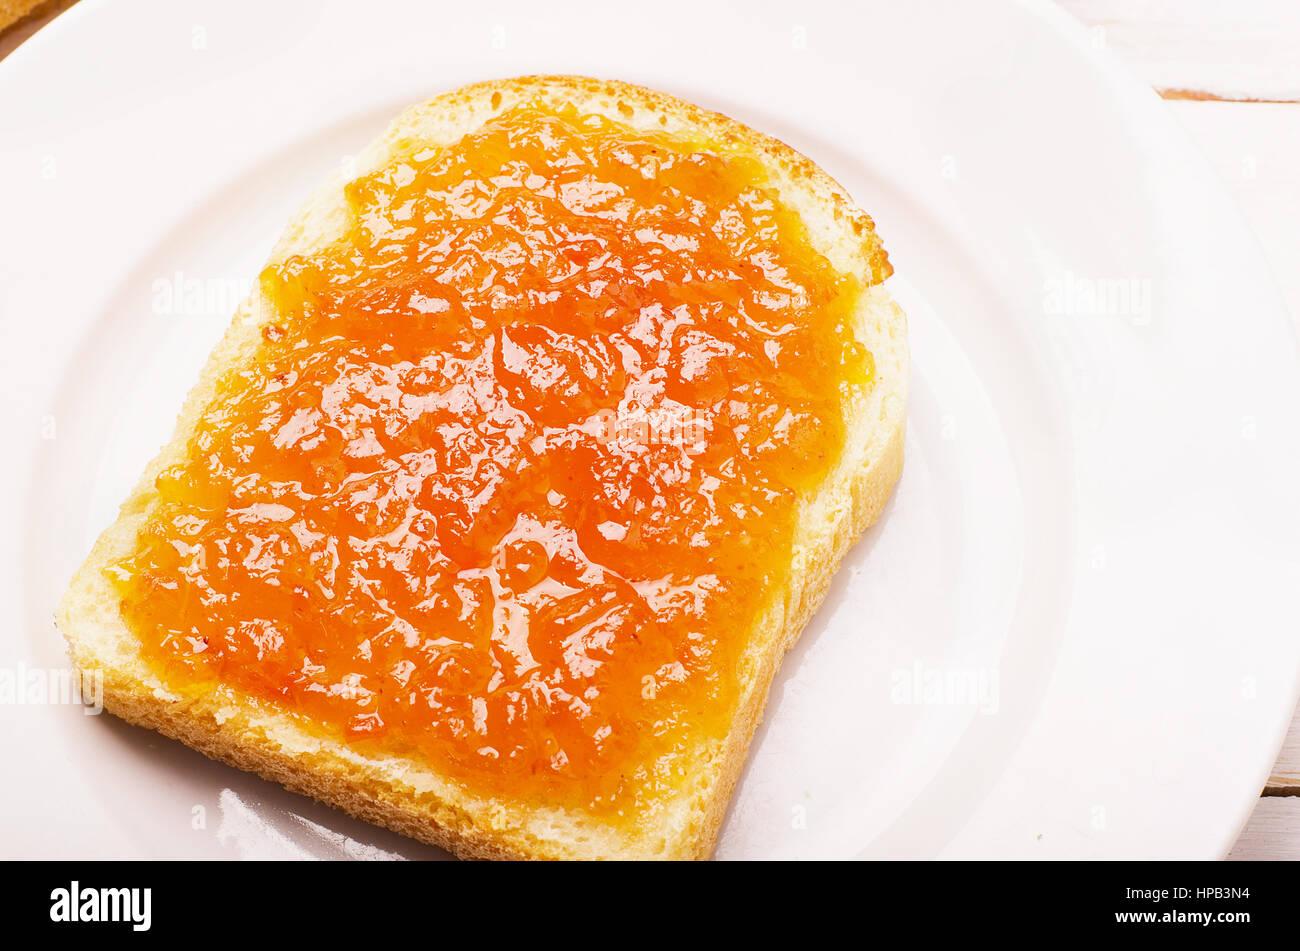 Le pain avec confiture orange pêche dans une assiette sur tableau blanc Photo Stock